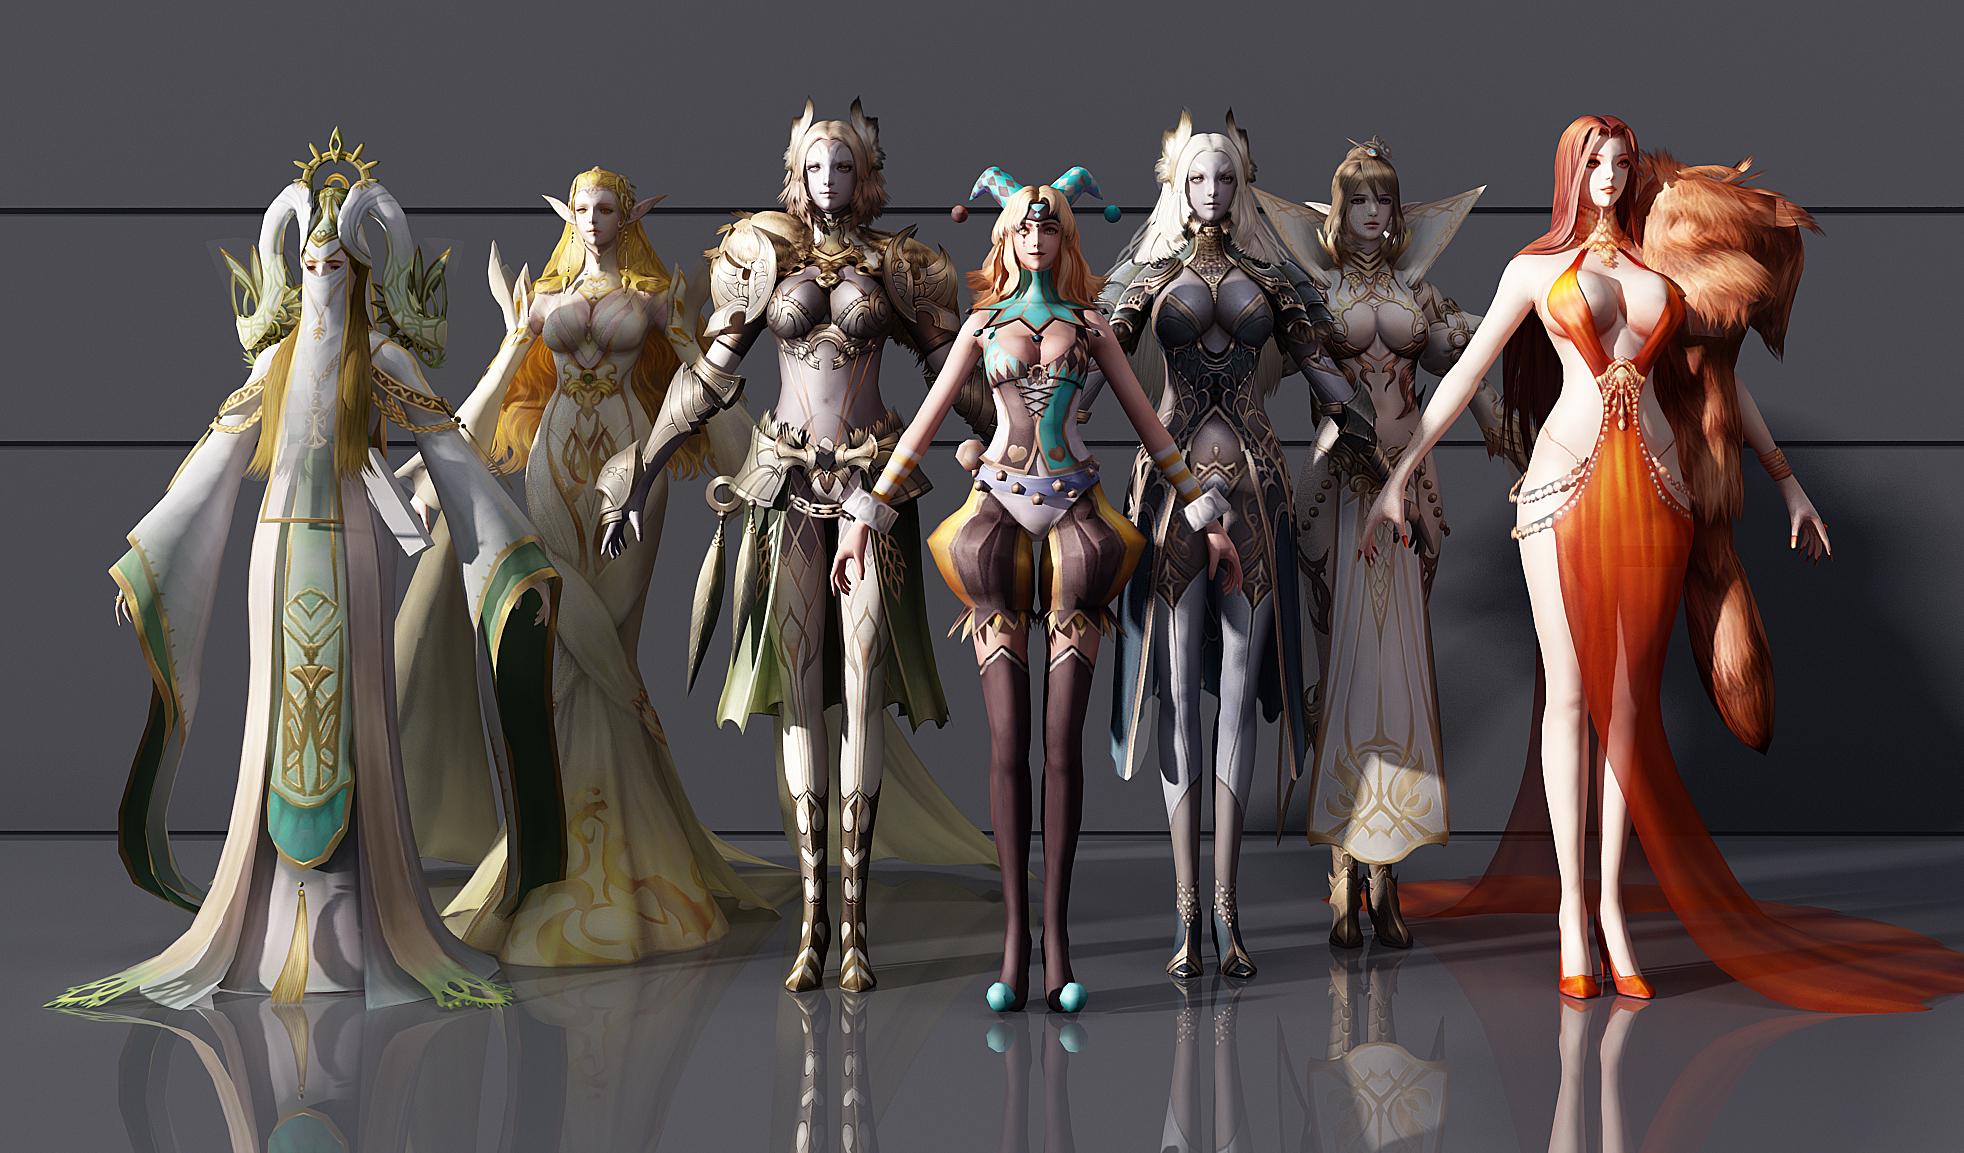 CG模型_ 游戏人物角色3d模型下载